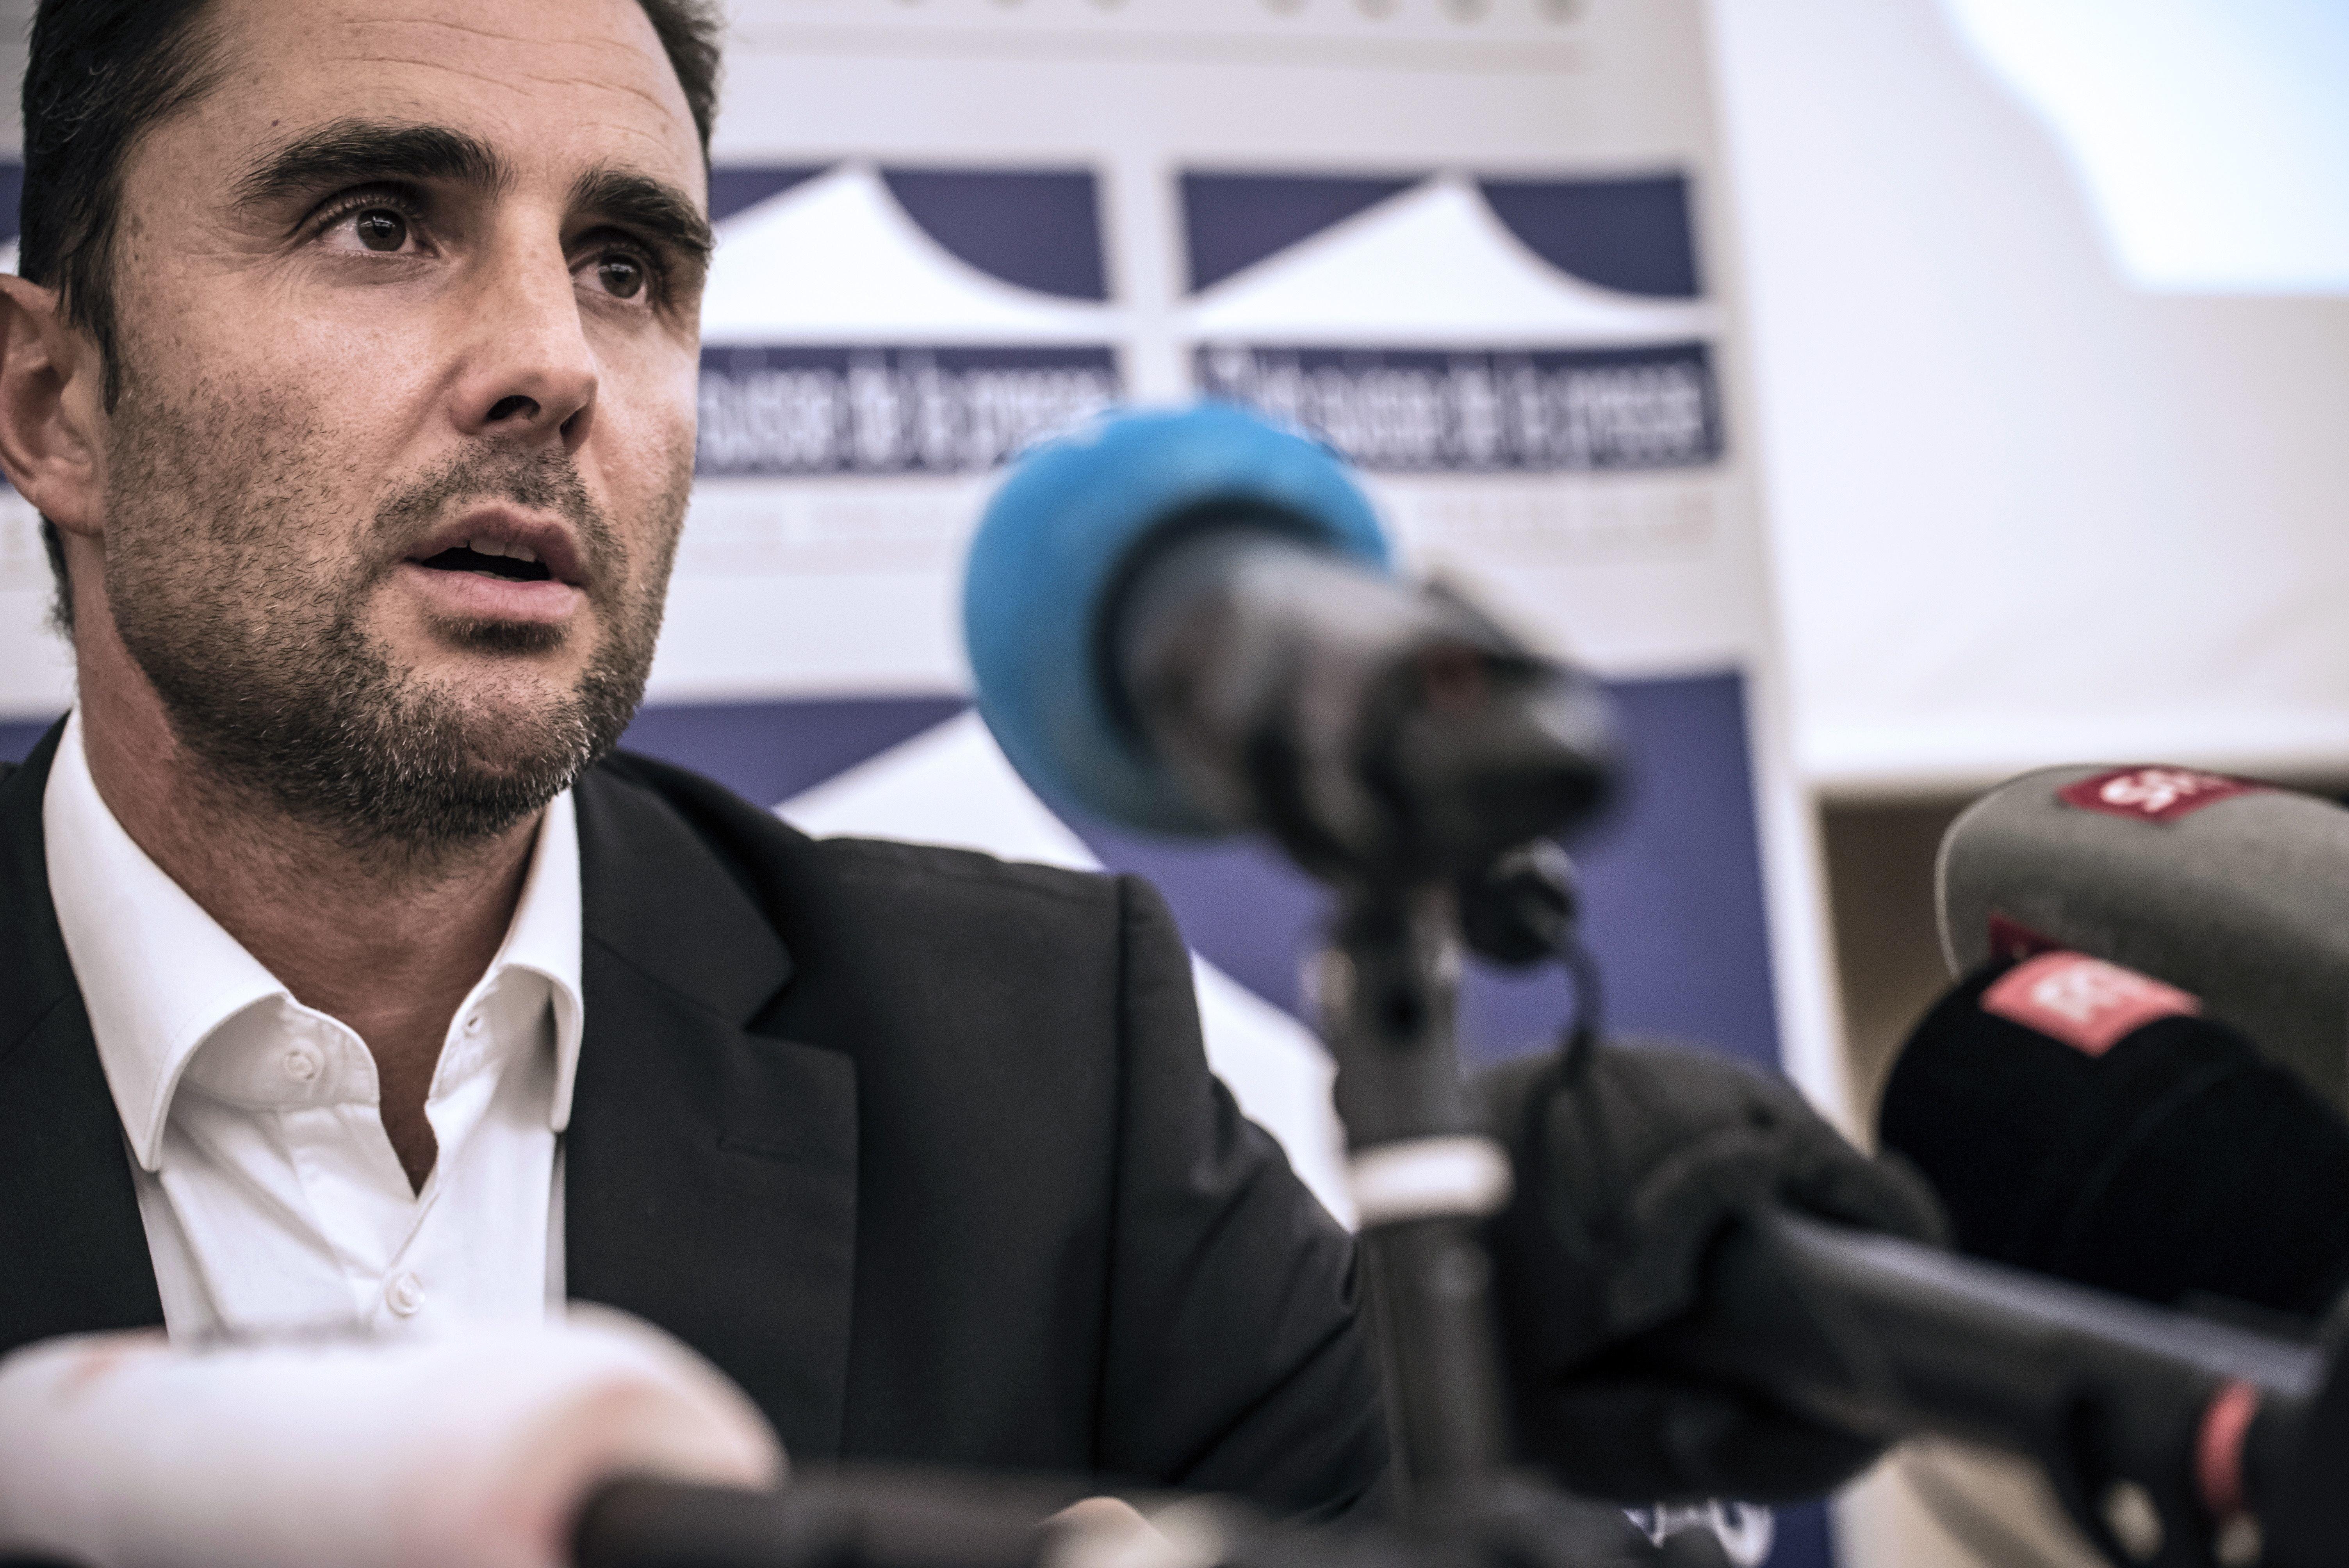 Ισπανία: Συνελήφθη ο Ερβέ Φαλσιανί κατόπιν αιτήματος της